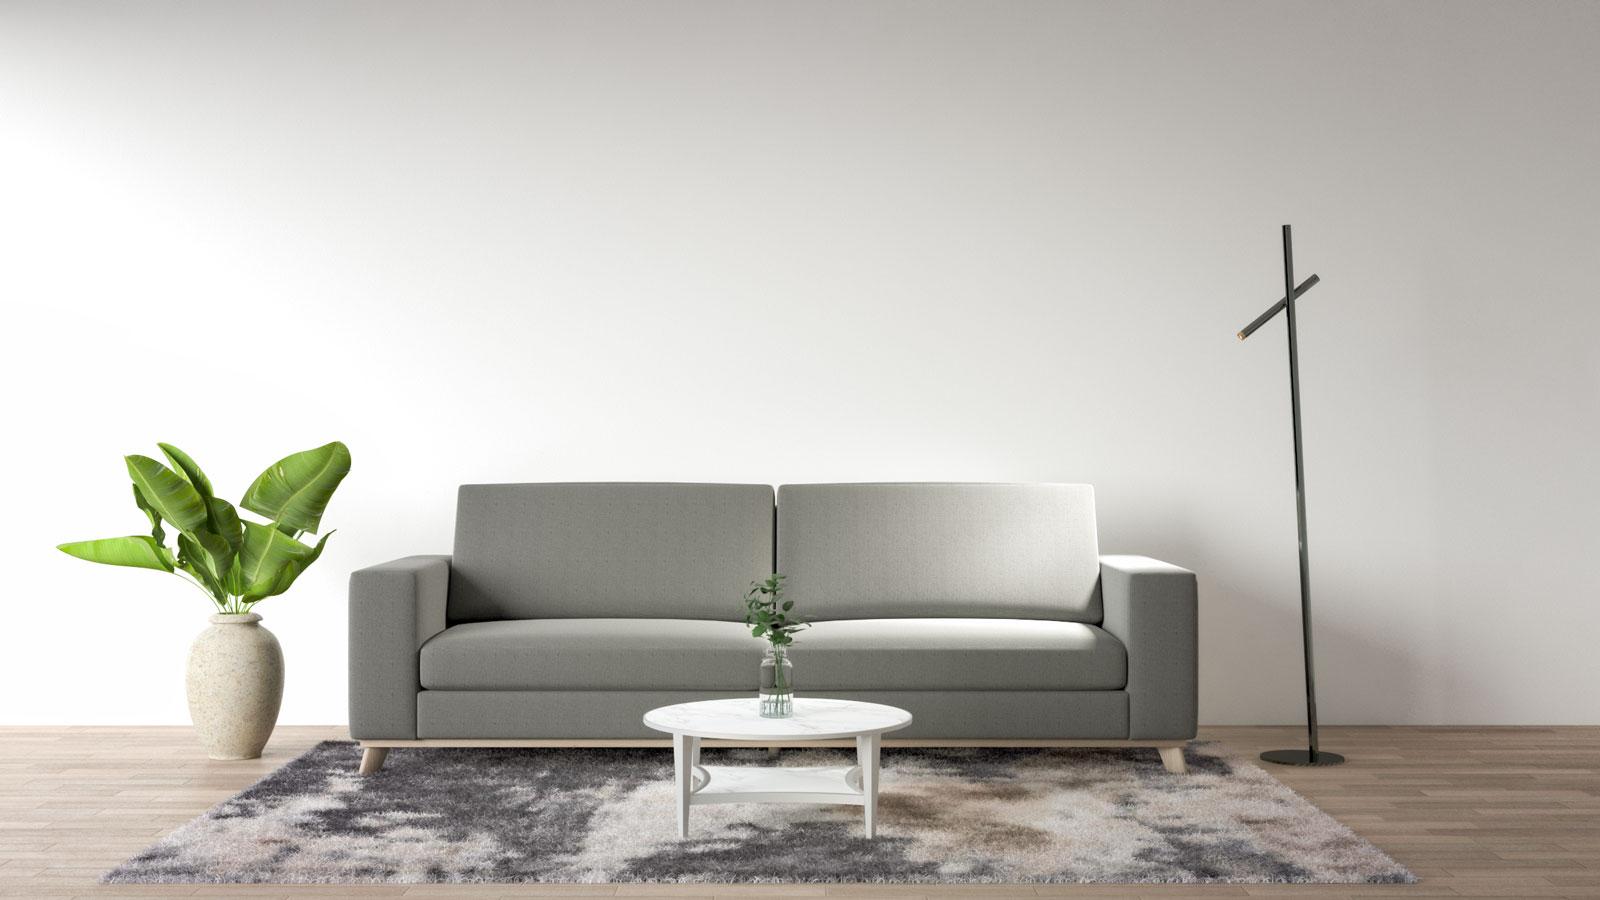 standing lamp to brighten a dark couch